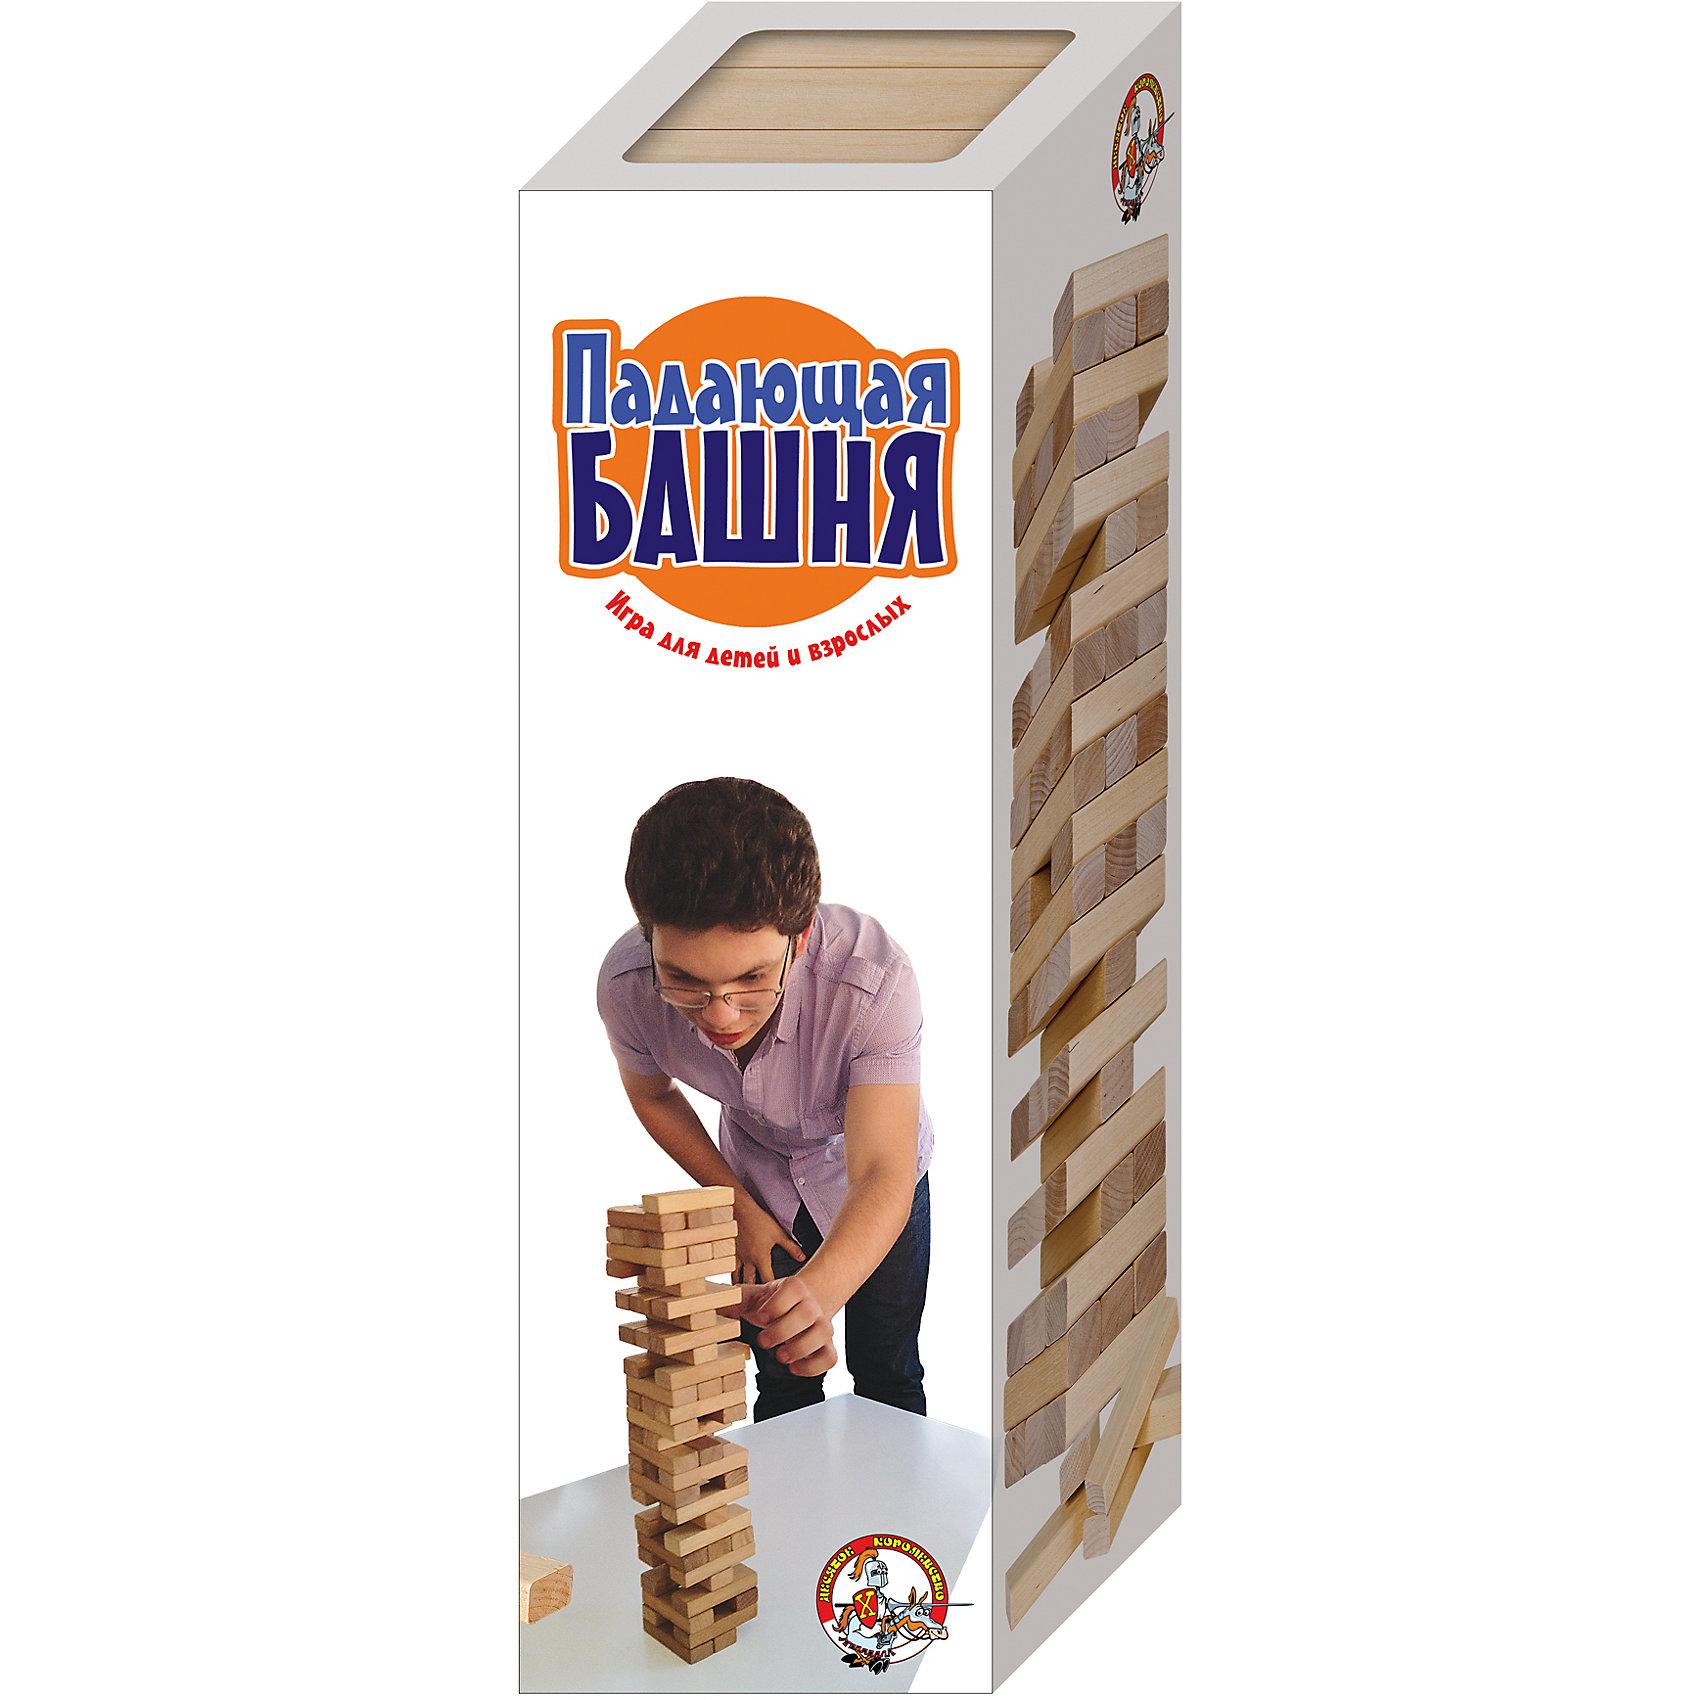 Игра для детей и взрослых Падающая башня, Десятое королевствоНастольные игры<br>Игра для детей и взрослых Падающая башня, Десятое королевство<br><br>Характеристики: <br><br>• Возраст: от 5 лет<br>• Материал: древесина<br>• В комплекте: 54 бруска<br><br>Эта игра способствует развитию ловкости рук, хитрости и воображения. Подходит для игр детей от 5 до 8 лет. Цель игры - в начале сложить ровную пирамиду, а затем во время каждого следующего хода вытаскивать из нее по одному бруску и класть его на самый верх. Проигрывает тот, на чьих действиях башня разрушится. В наборе содержится 54 бруска и их можно использовать на усмотрение ребенка - например, как конструктор.<br><br>Игра для детей и взрослых Падающая башня, Десятое королевство можно купить в нашем интернет-магазине.<br><br>Ширина мм: 85<br>Глубина мм: 85<br>Высота мм: 255<br>Вес г: 944<br>Возраст от месяцев: 84<br>Возраст до месяцев: 2147483647<br>Пол: Унисекс<br>Возраст: Детский<br>SKU: 5473723